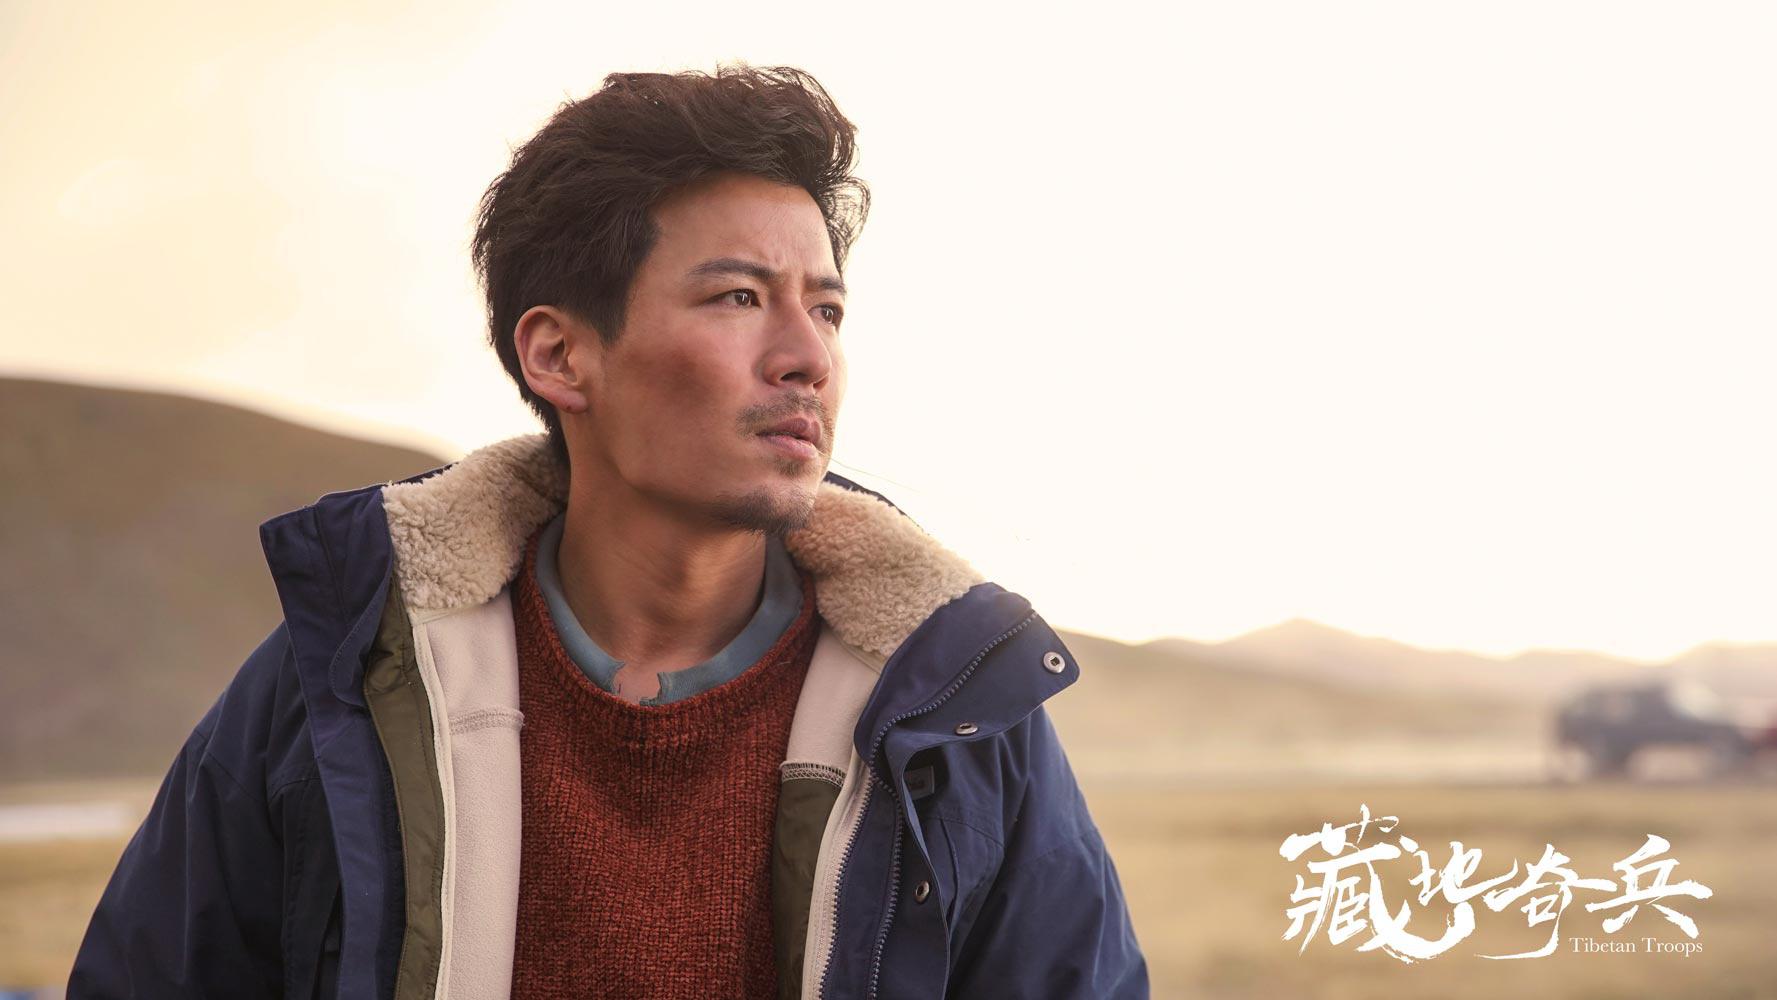 魏千翔屈菁菁《藏地奇兵》杀青 秦岚担任艺术总监 第1张